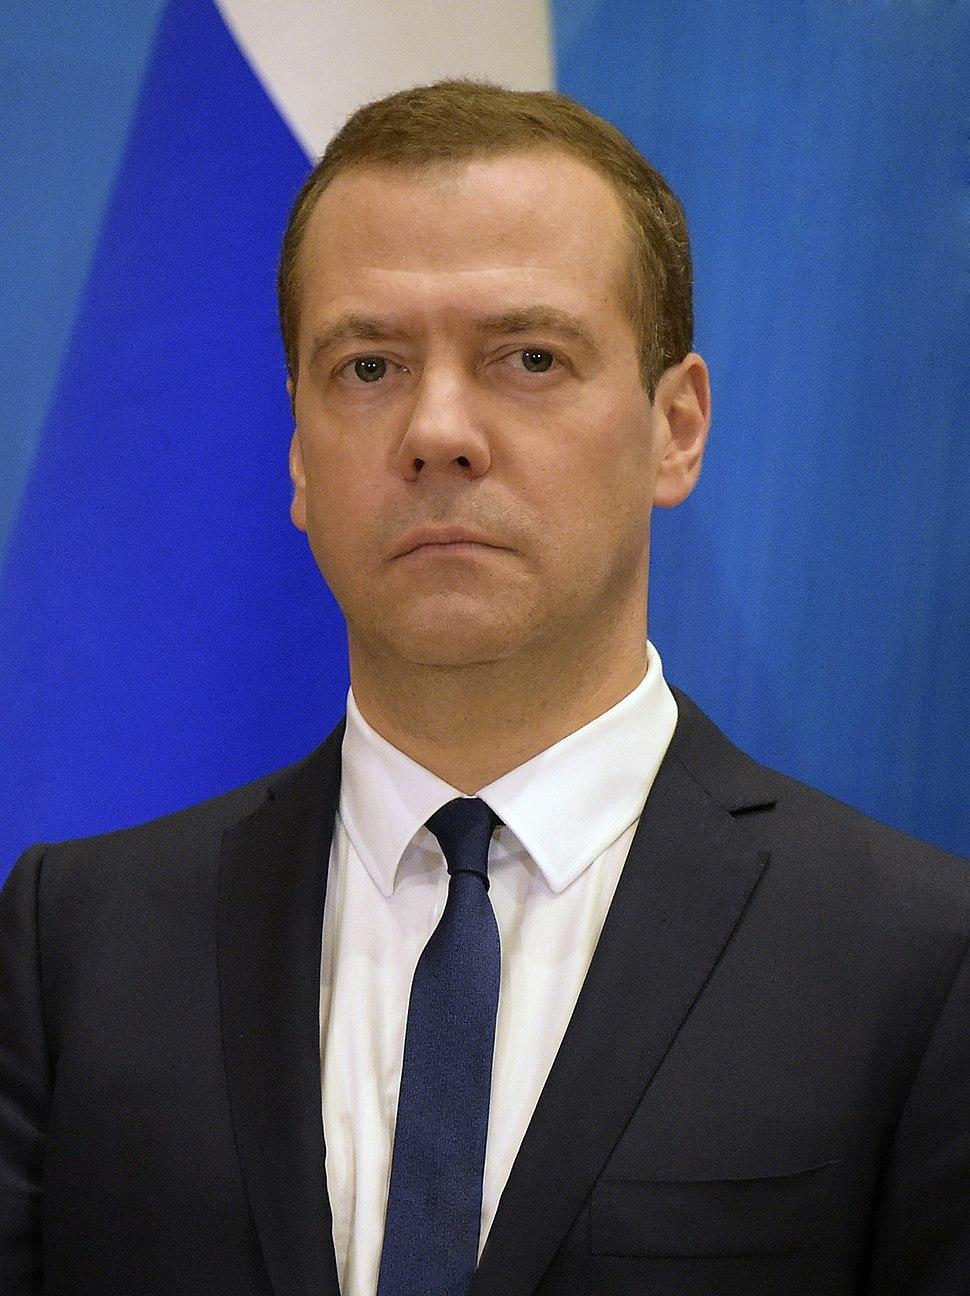 Dmitry Medvedev govru official photo 2